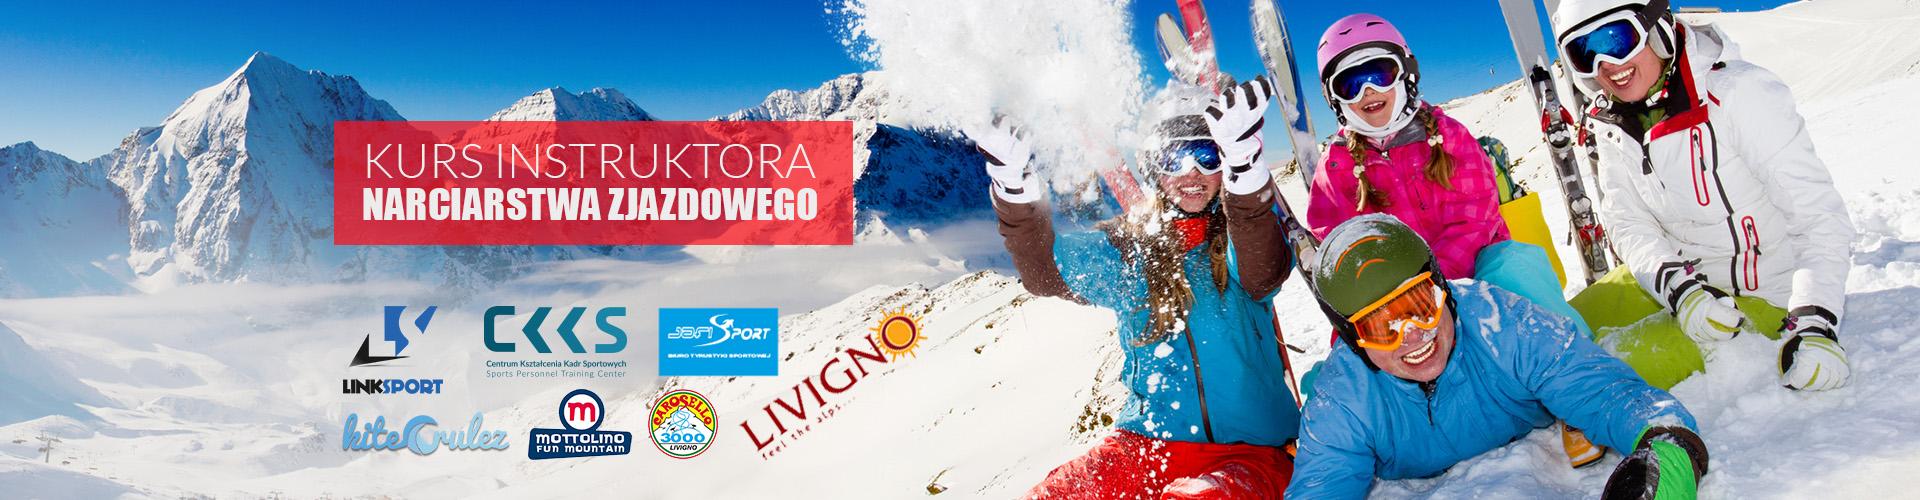 kurs_narciarstwa_zjazdowego